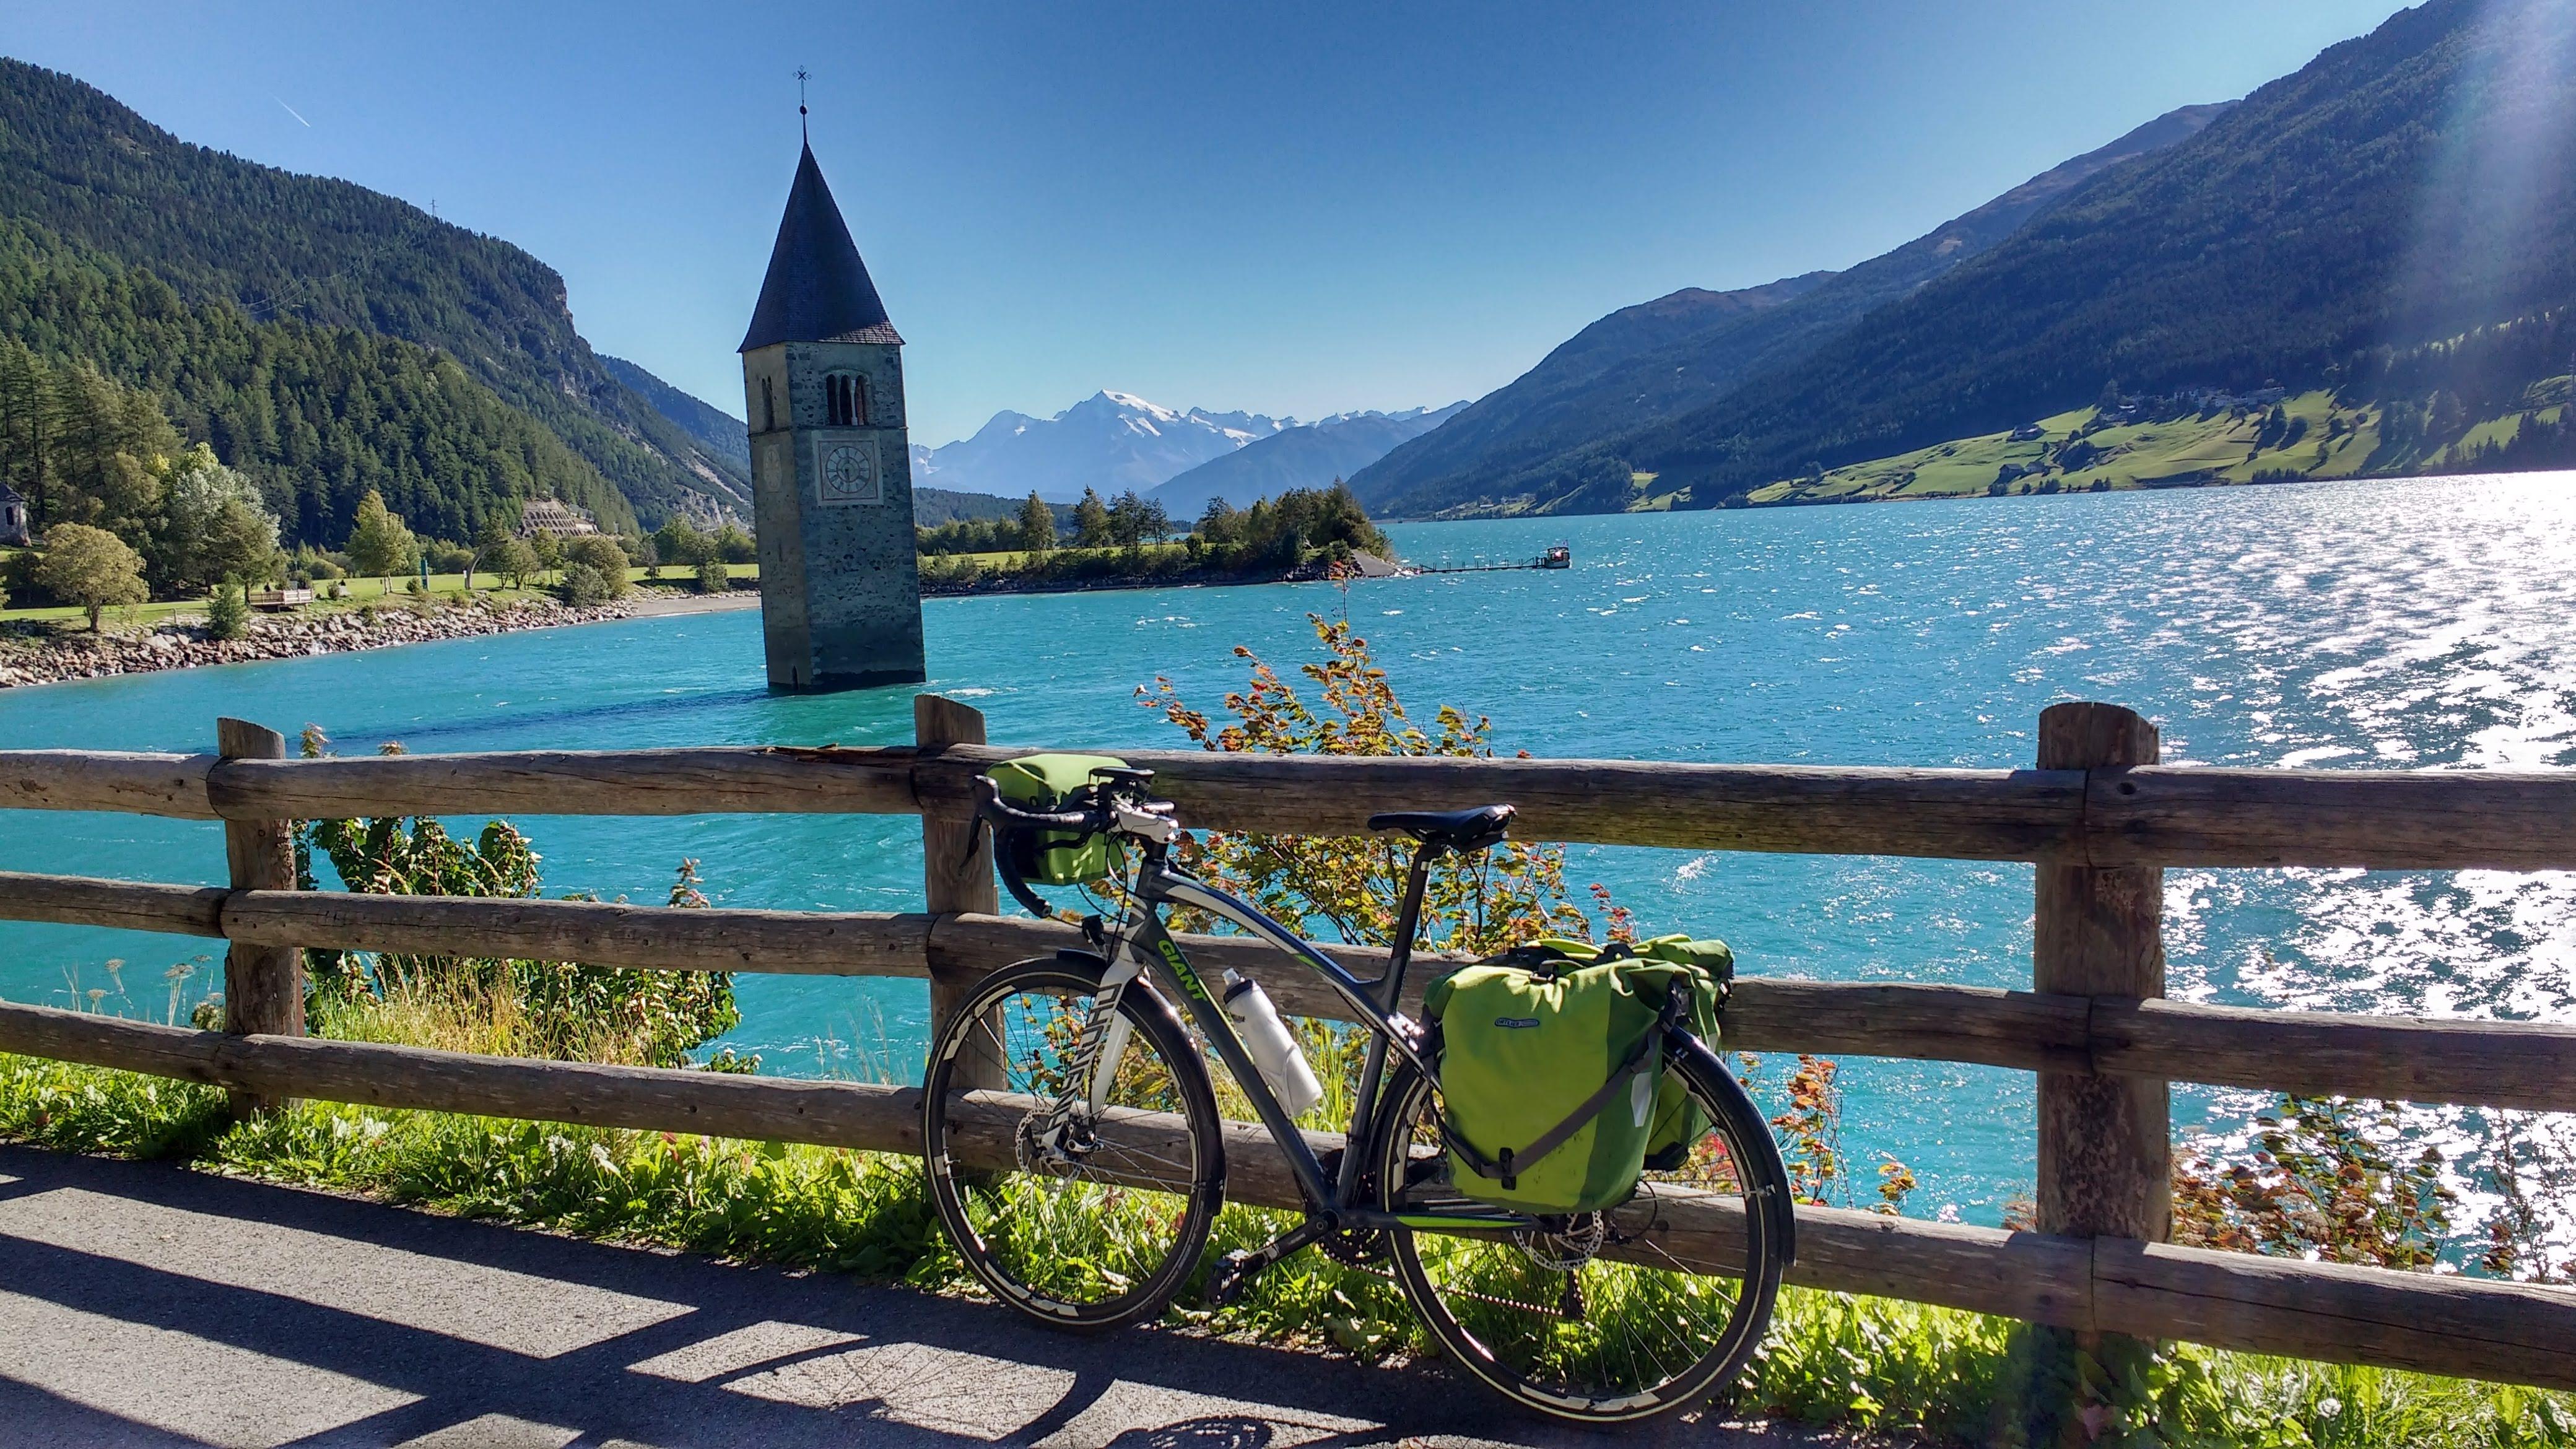 Fahrrad vor dem Reschensee mit dem Kirchturm im See